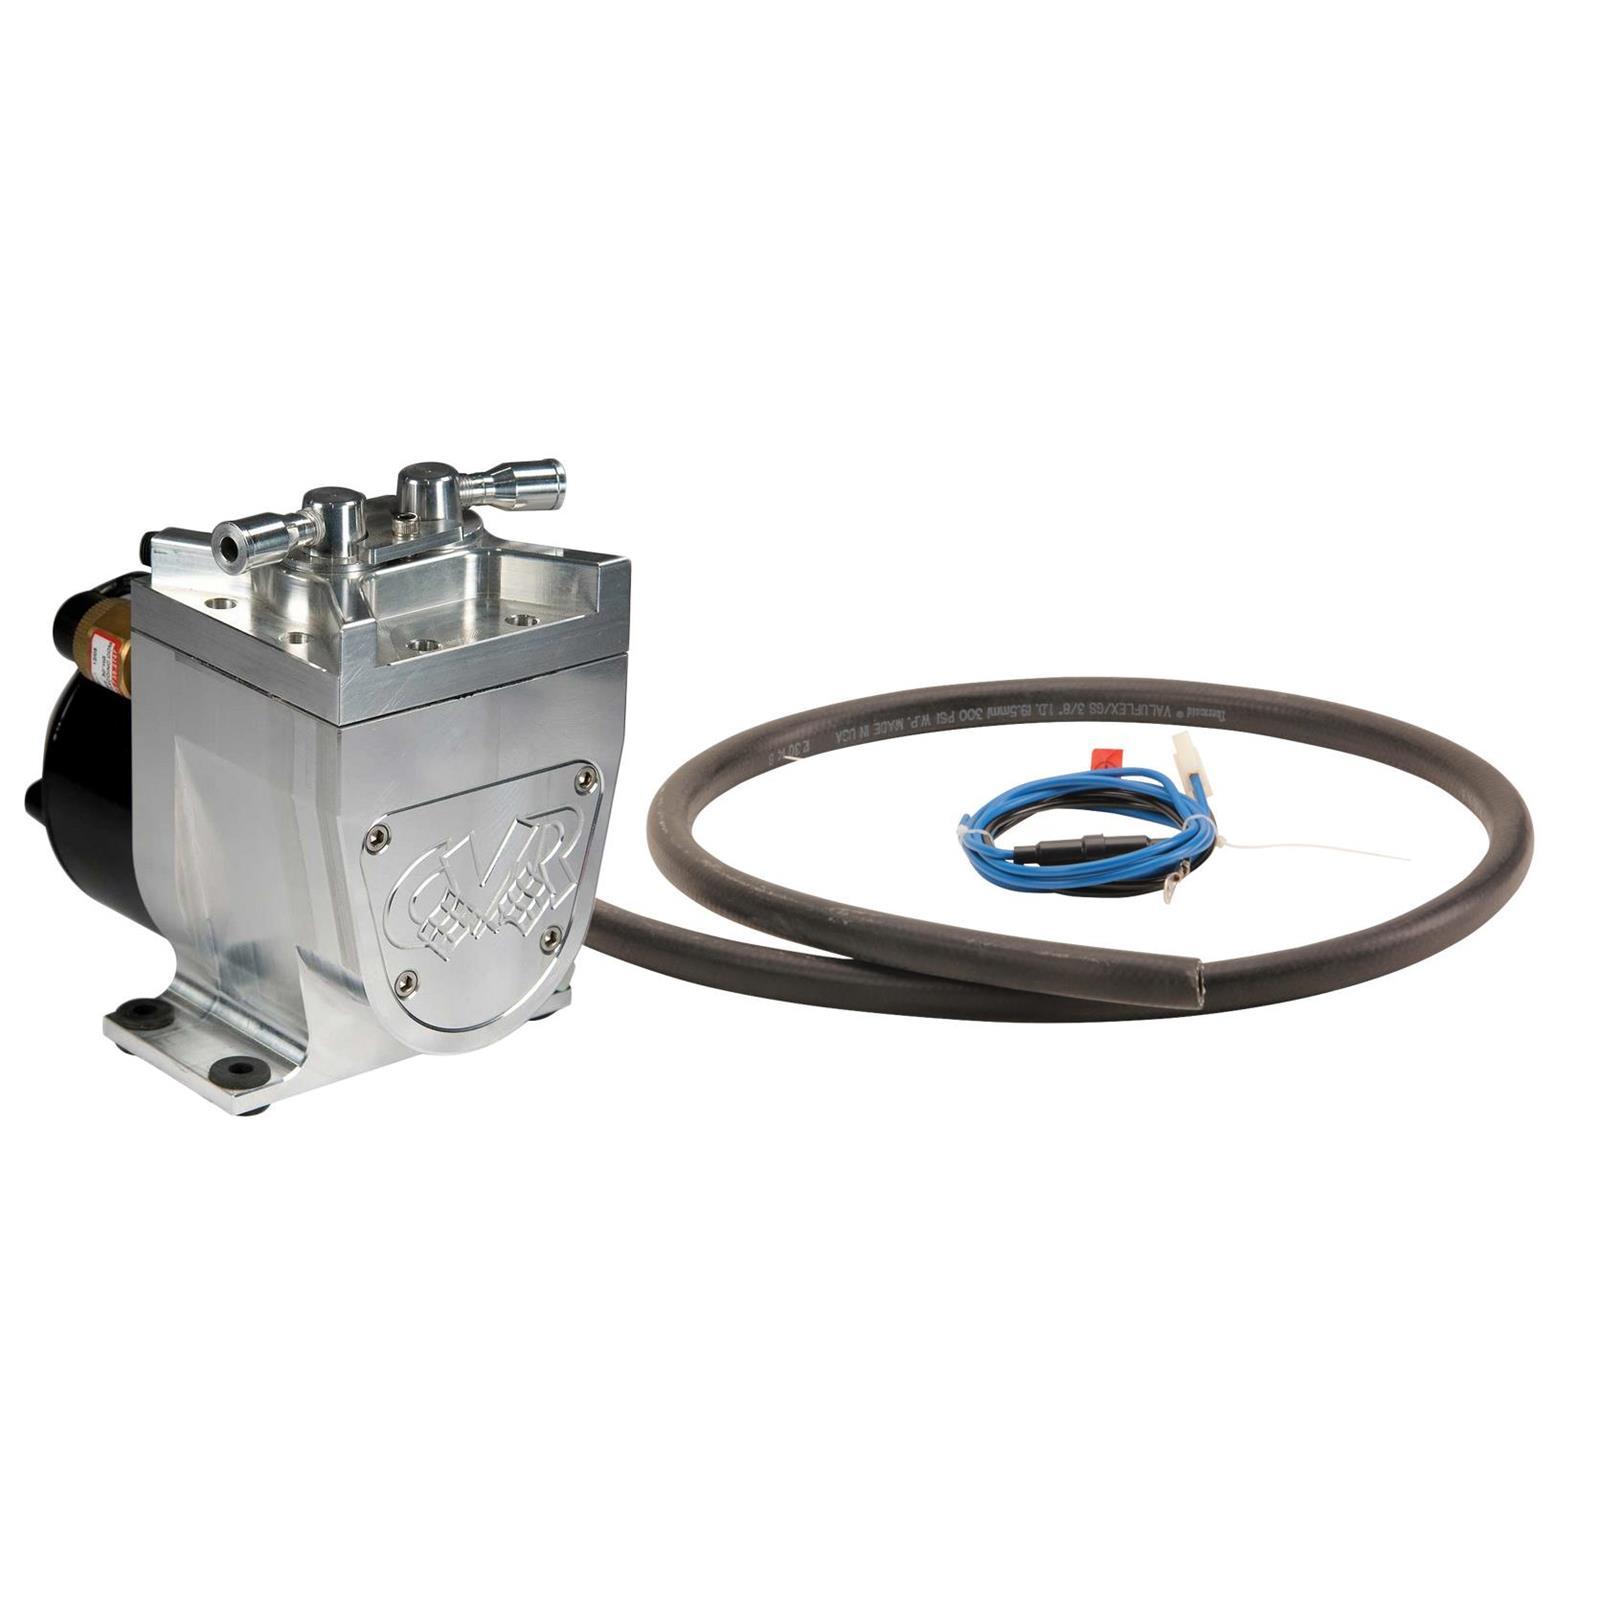 910612_L1600_dcf4a388 4dce 4512 8ca5 f503f146df11 ssbc 28146 28157 electric brake vacuum pump ssbc vacuum pump wiring diagram at n-0.co